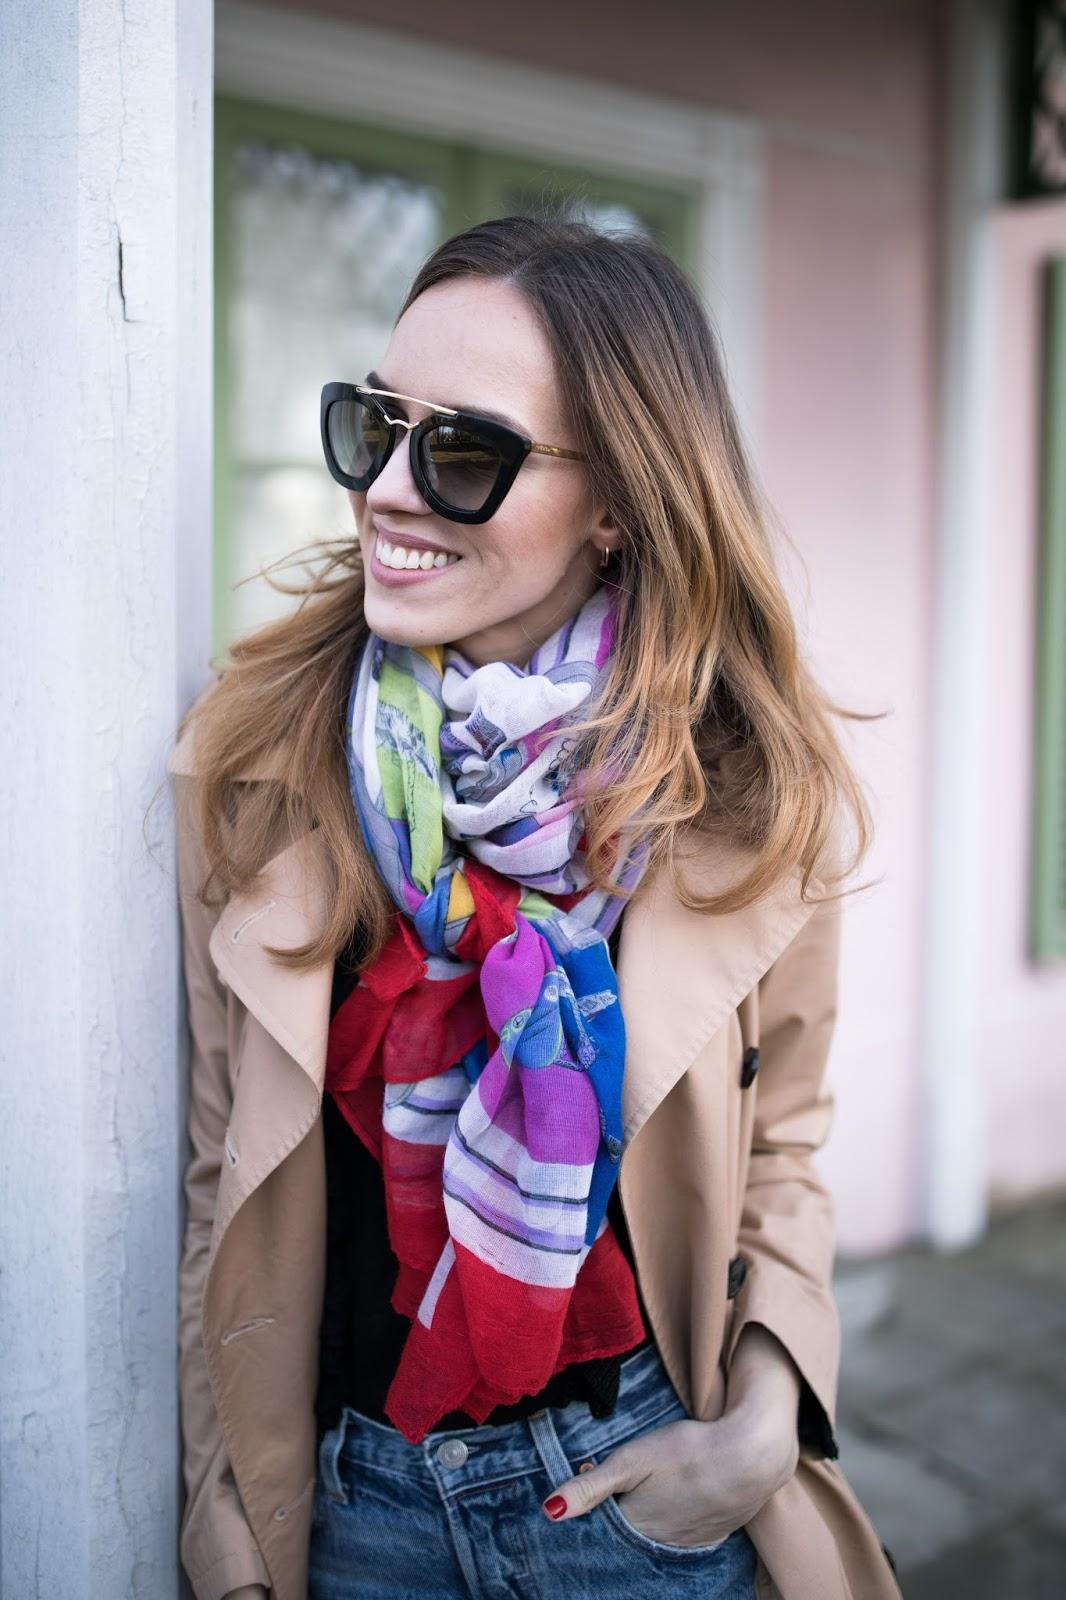 prada sunglasses outfit